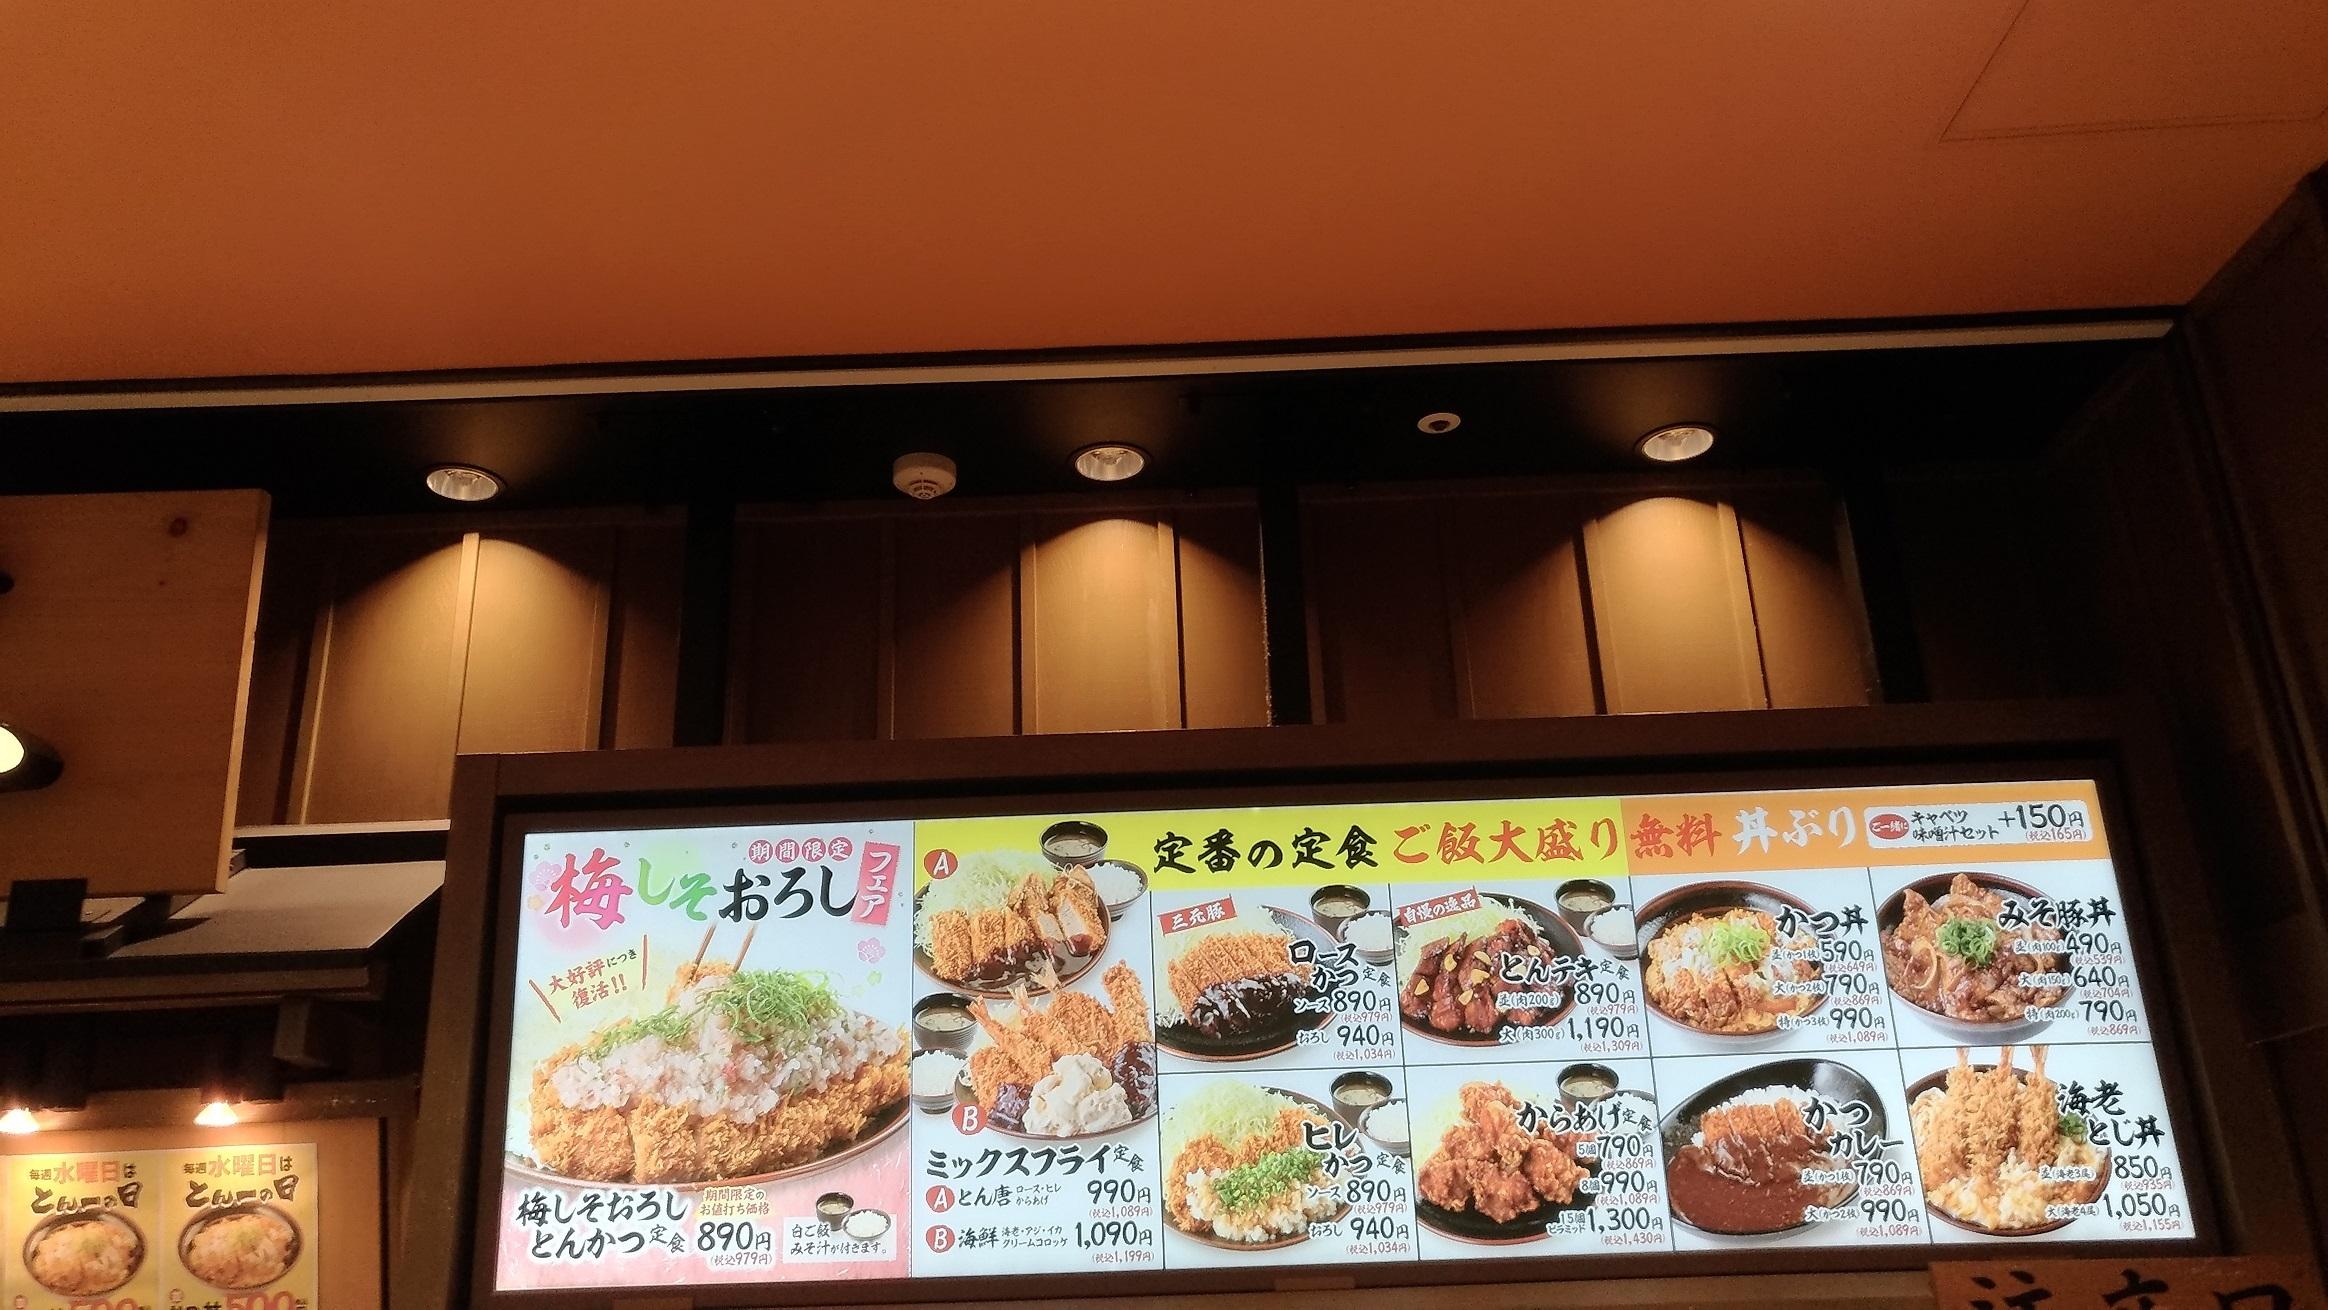 osaka_lunch_0813_chikin_4.jpg